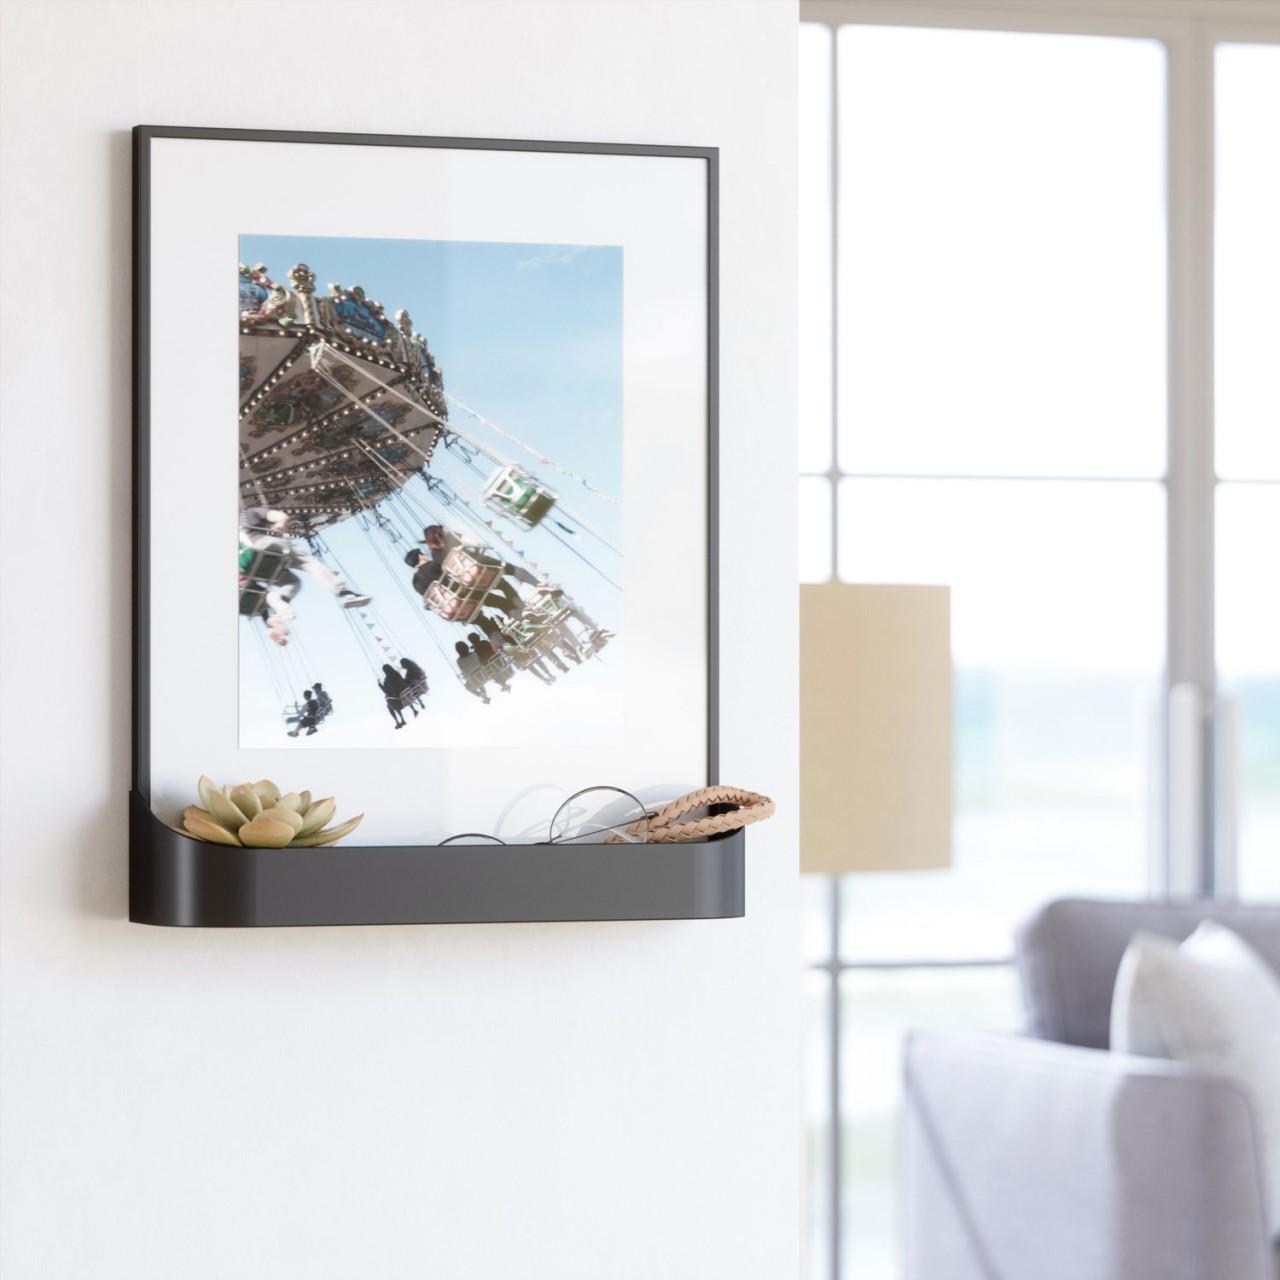 Bilderrahmen mit Passepartout & praktischer Ablage - Fotorahmen mit Ablagefach